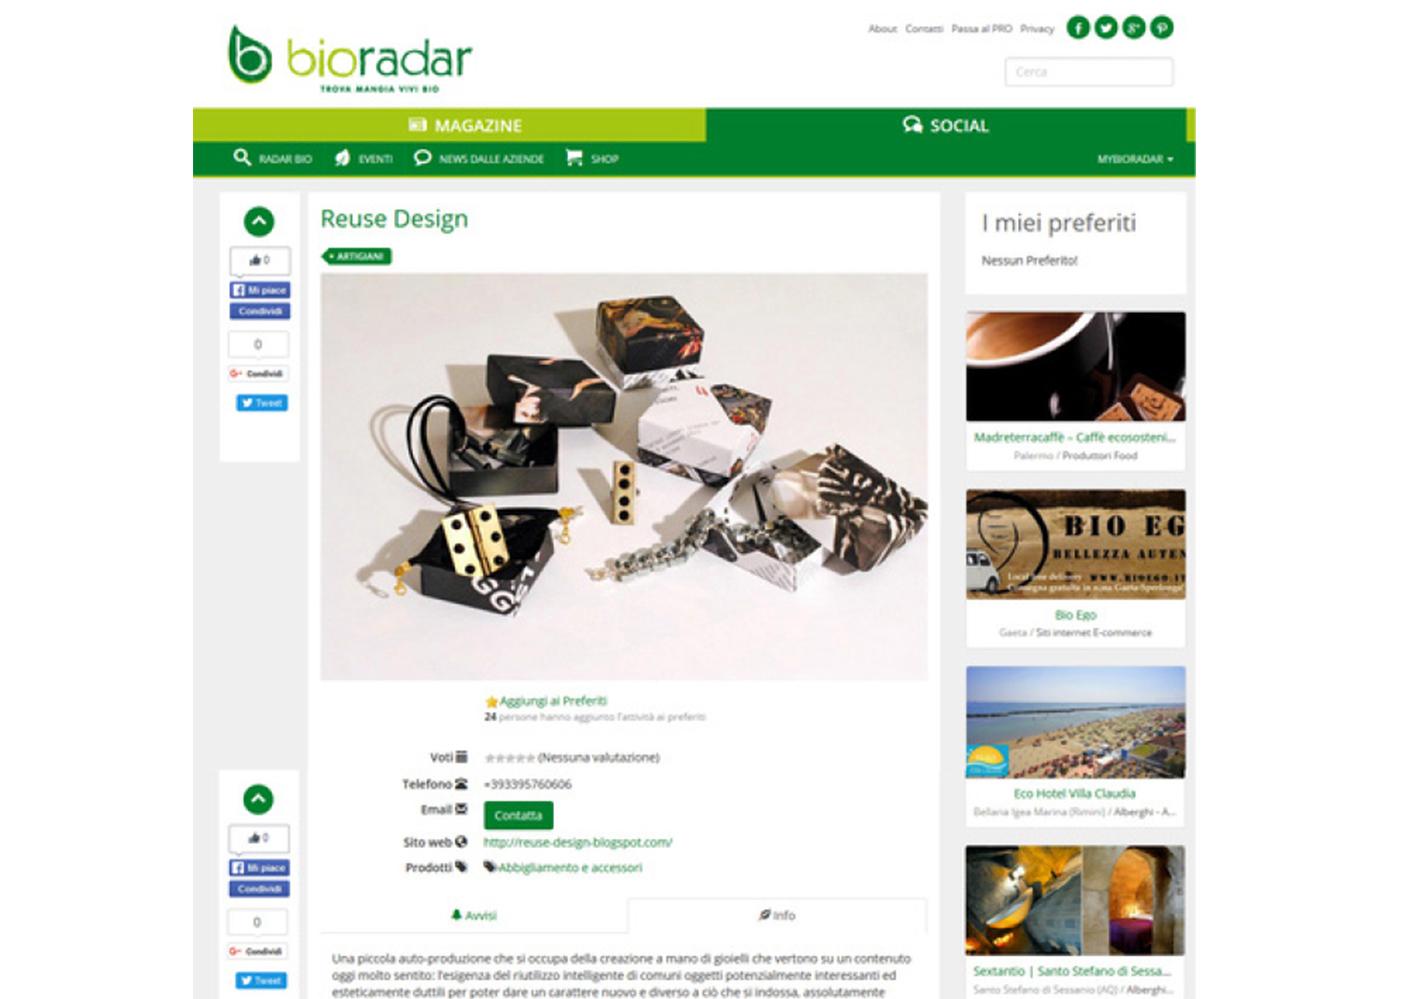 bioradar2.jpg